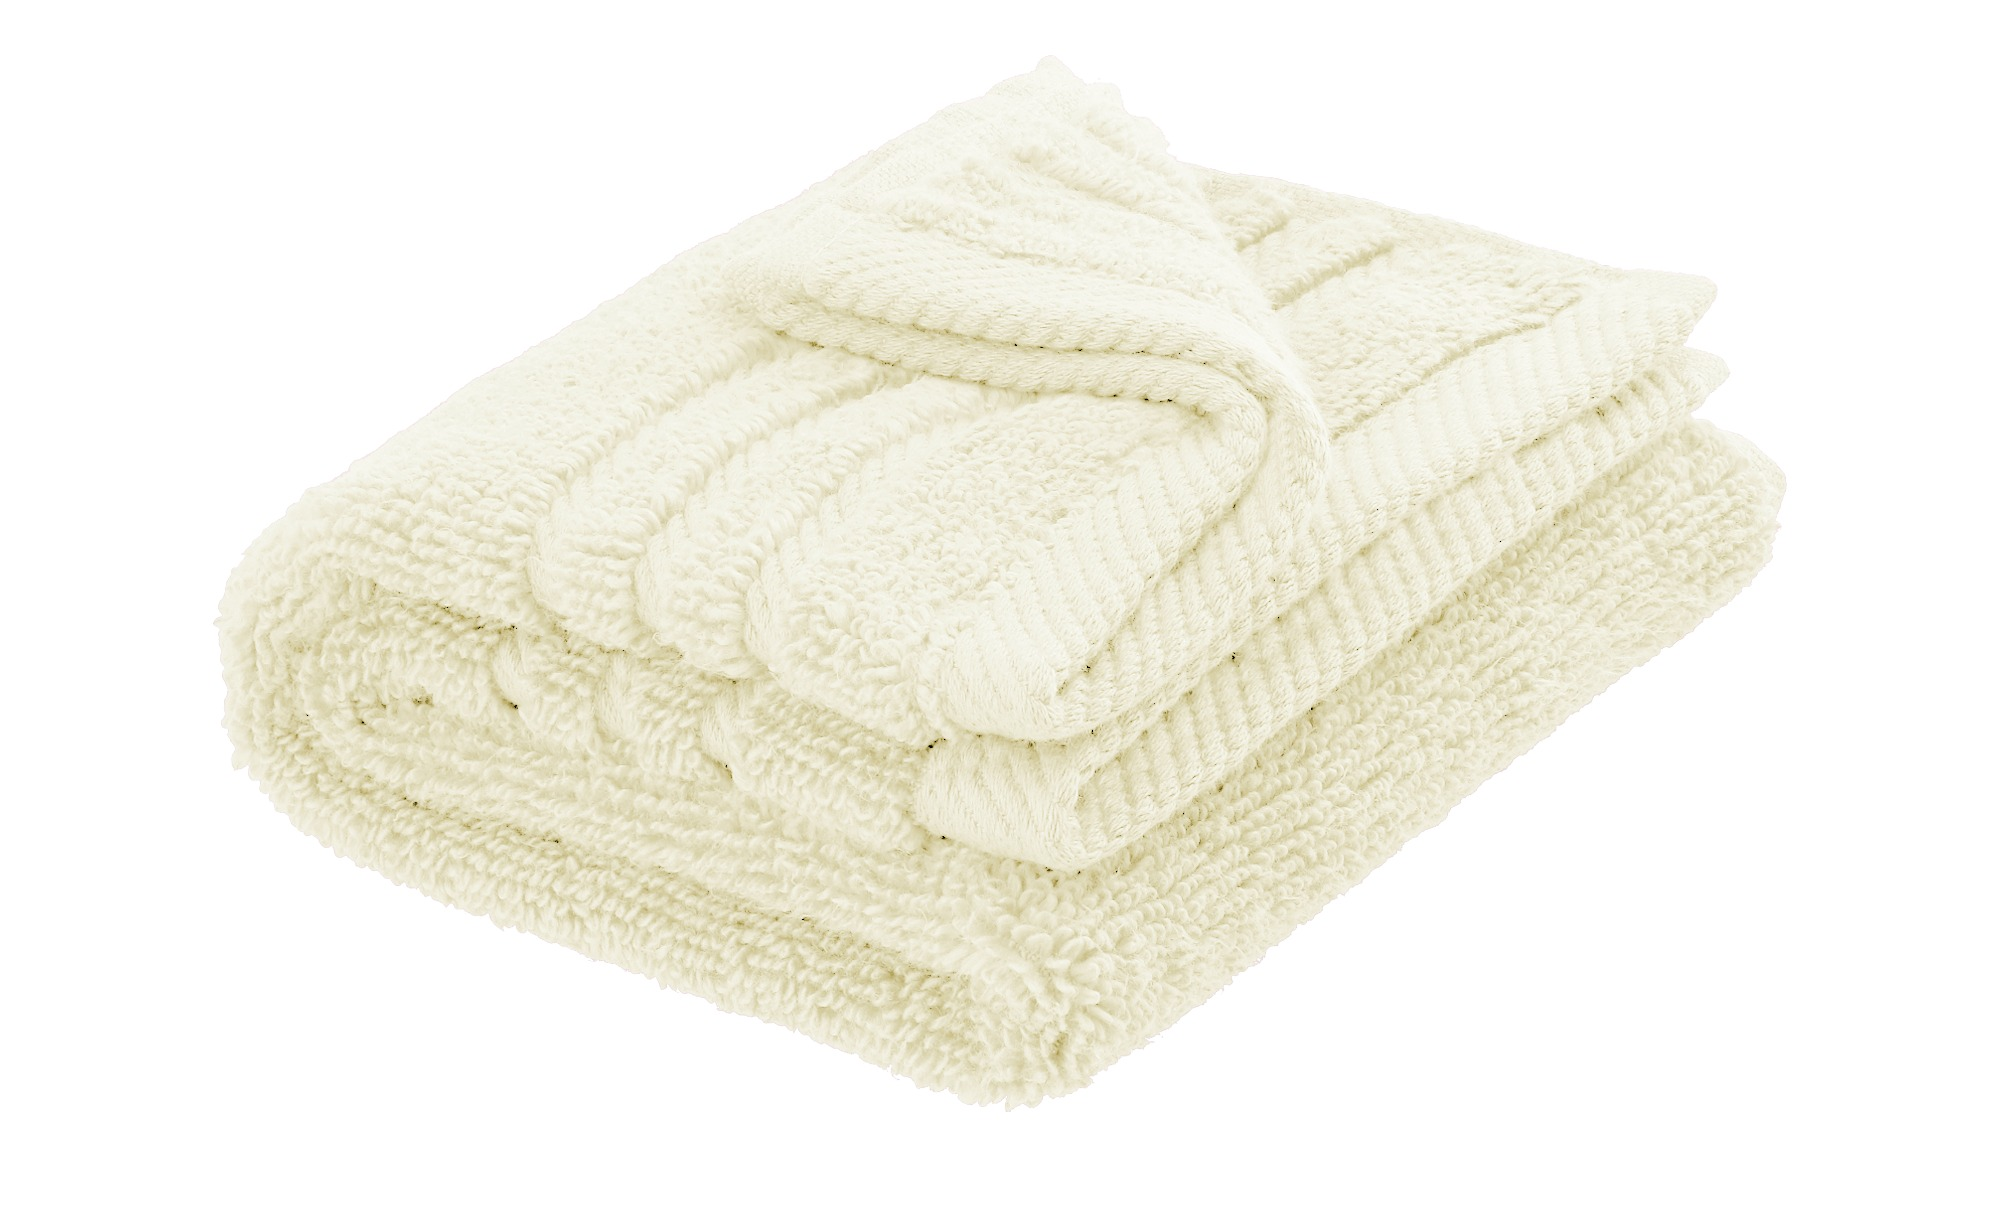 LAVIDA Gästetuch  Soft Cotton ¦ creme ¦ reine Micro-Baumwolle ¦ Maße (cm): B: 30 Badtextilien und Zubehör > Handtücher & Badetücher > Gästetücher - Höffner